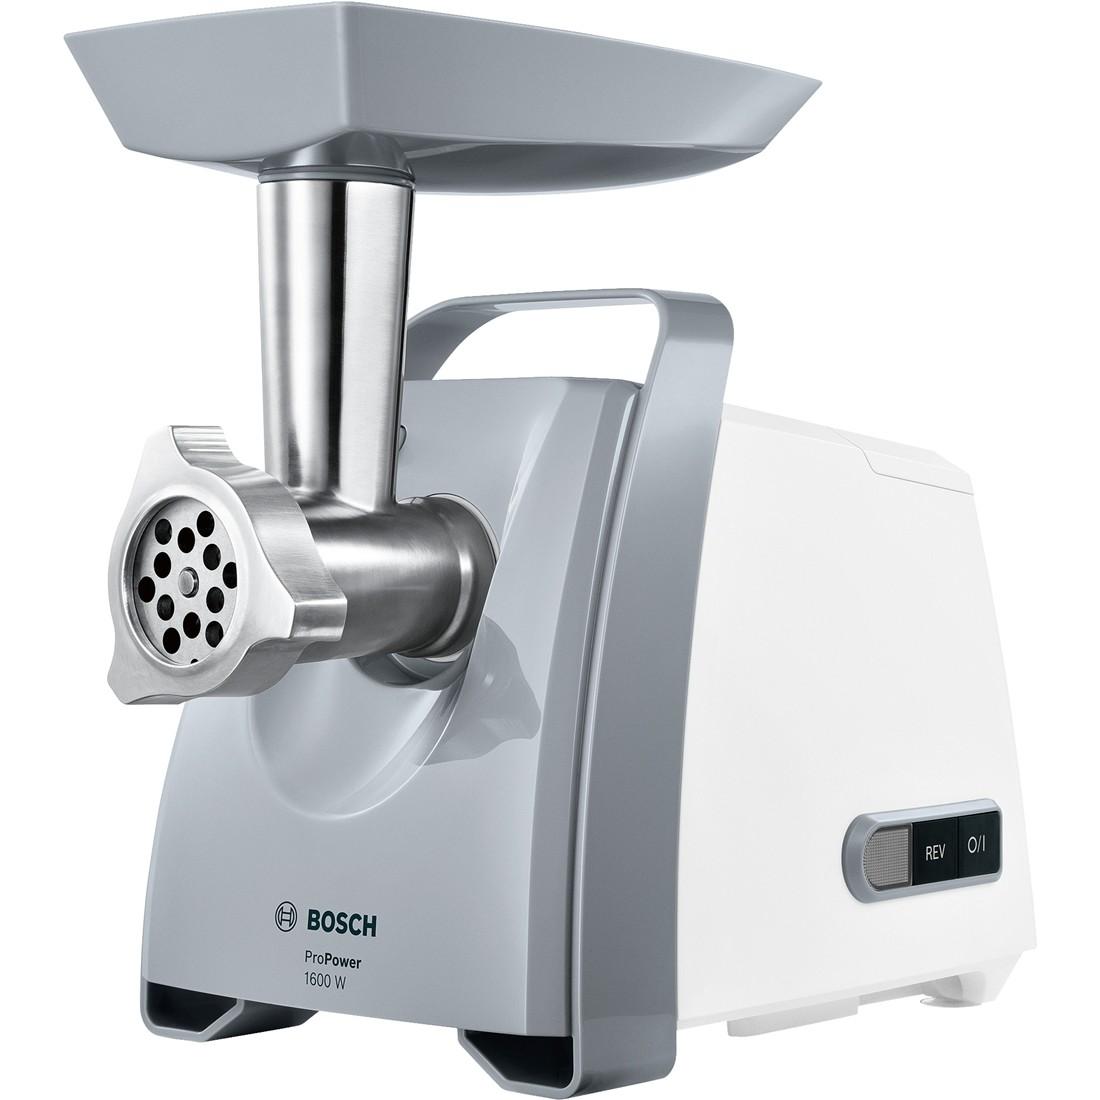 Masina de tocat Bosch ProPower MFW45020